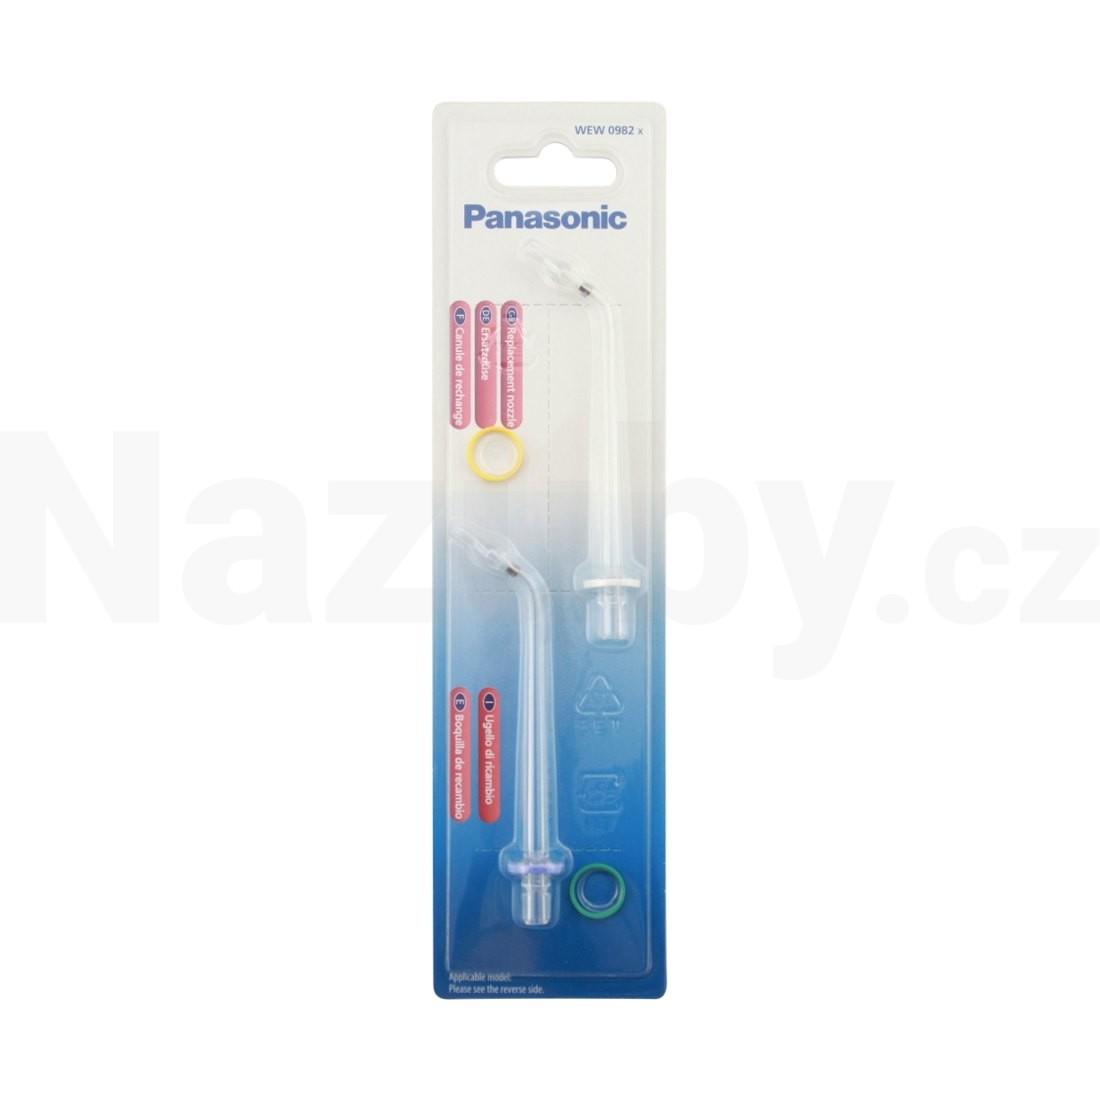 Panasonic WEW0982X - akce 100 dní na vrácení zboží